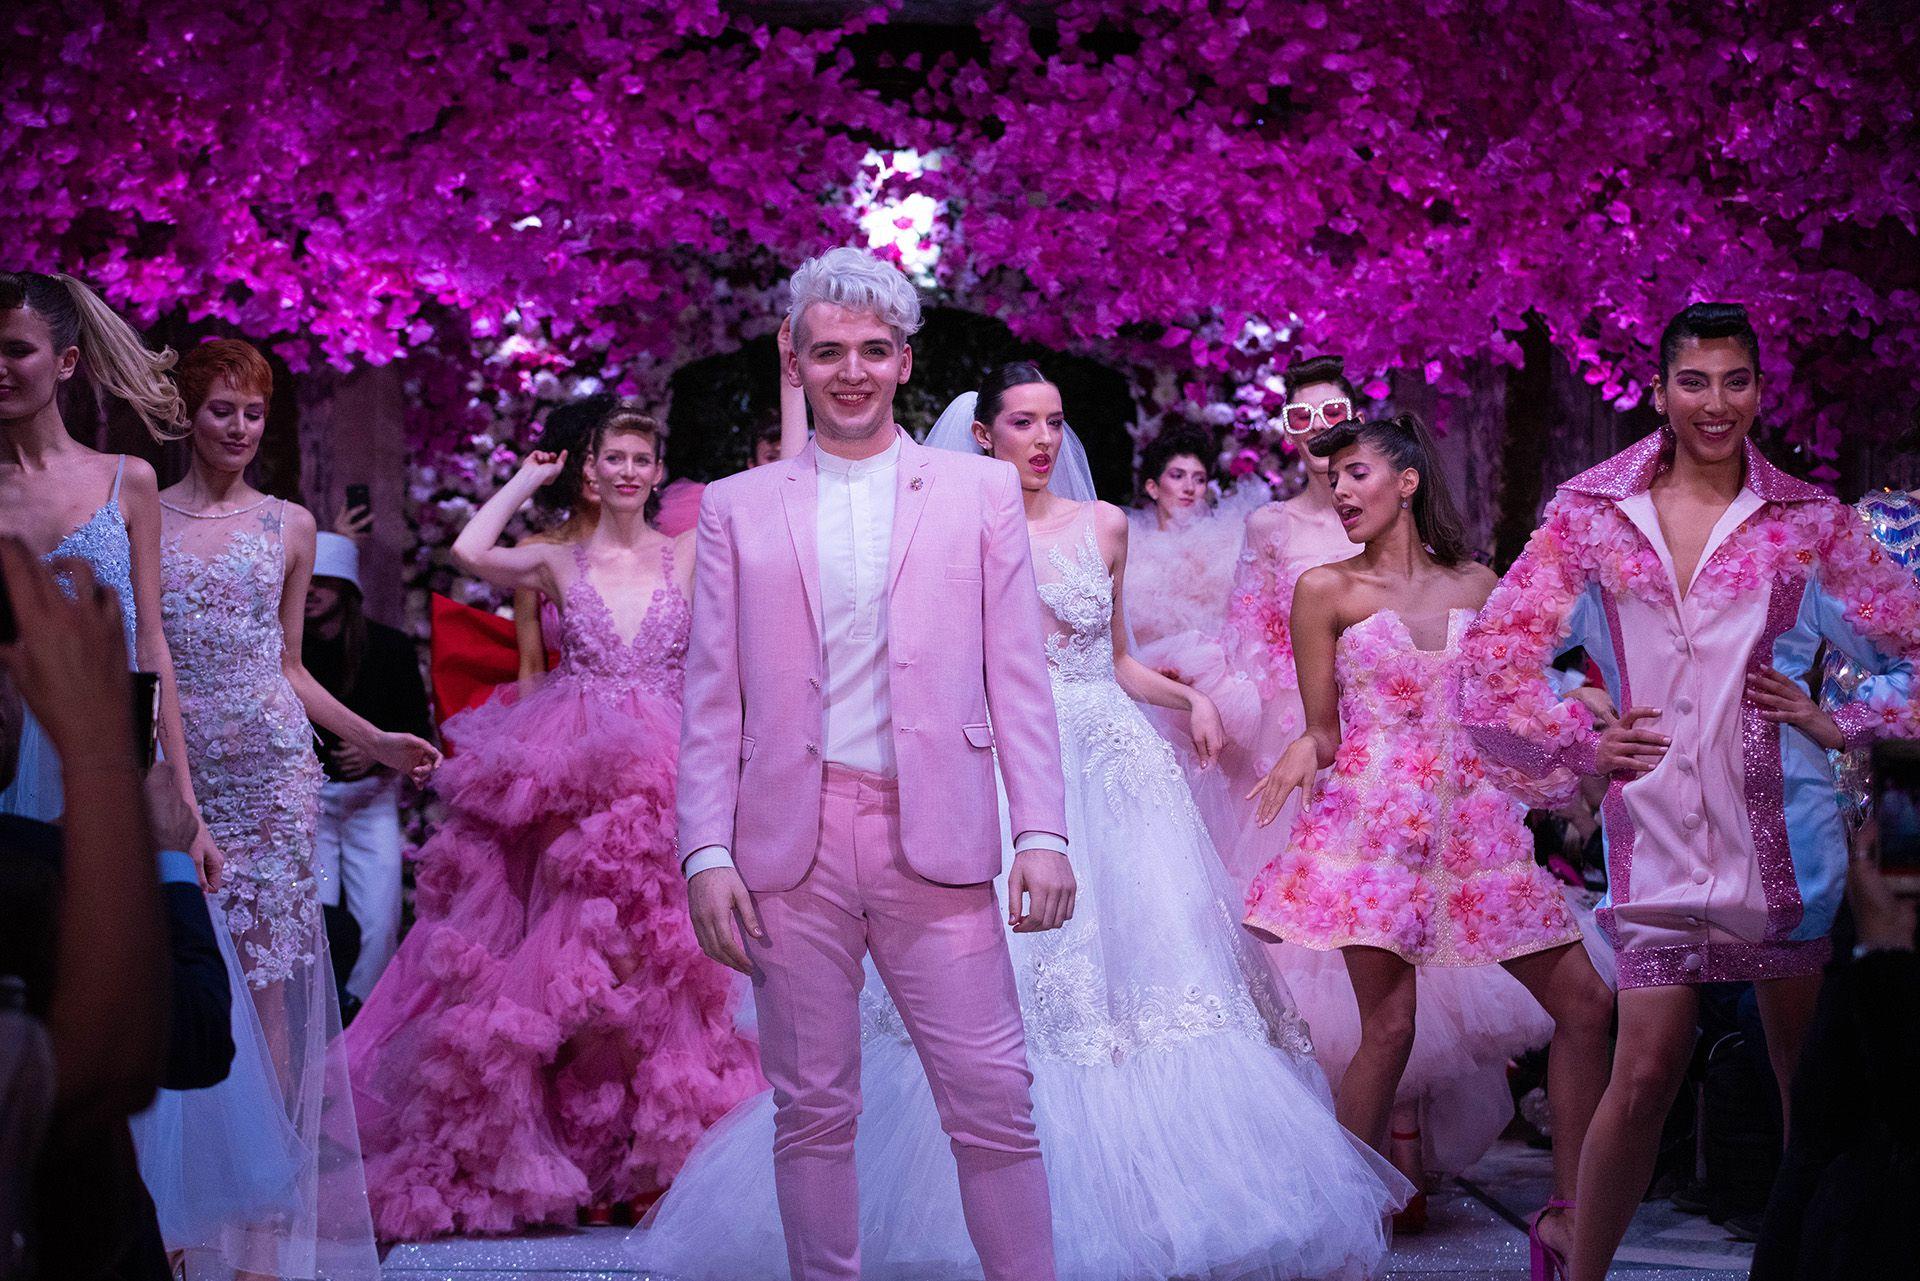 """Jorge Rey, el diseñador de 20 años que conquistó a las celebridades argentinas como Mirtha Legrand y Moria Casán, presentó su nueva colección en el Palacio Paz llamada """"L'amour"""". Su glamoroso y romántico desfile formó parte de la grilla de Argentina Fashion Week"""